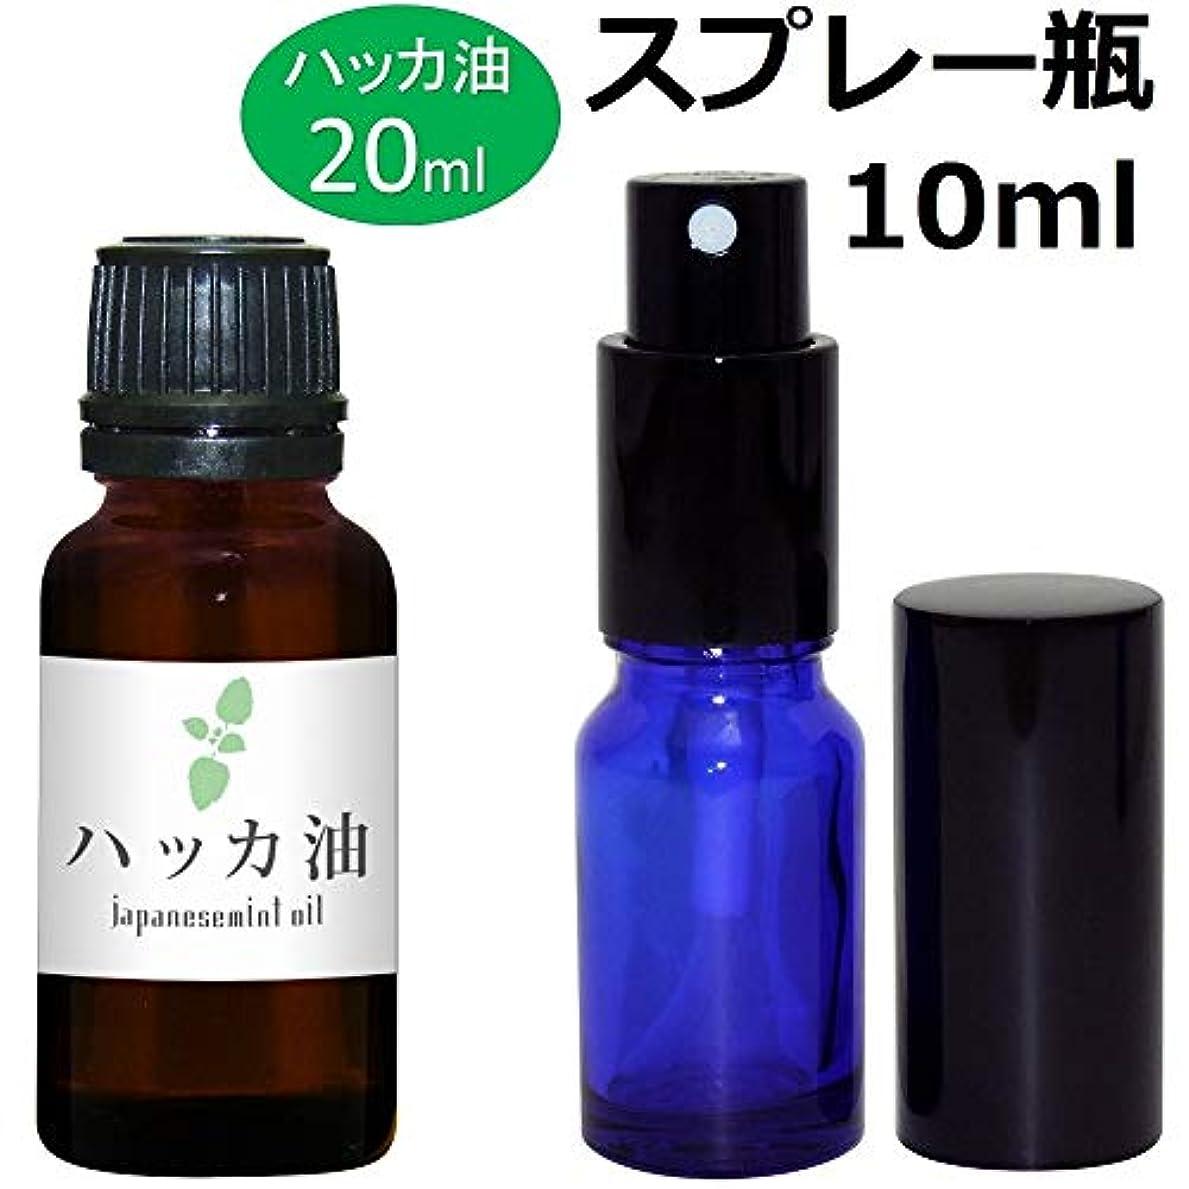 ステレオ狂信者演劇ガレージ?ゼロ ハッカ油 20ml(GZAK12)+ガラス瓶 スプレーボトル10ml/和種薄荷/ジャパニーズミント GSE533